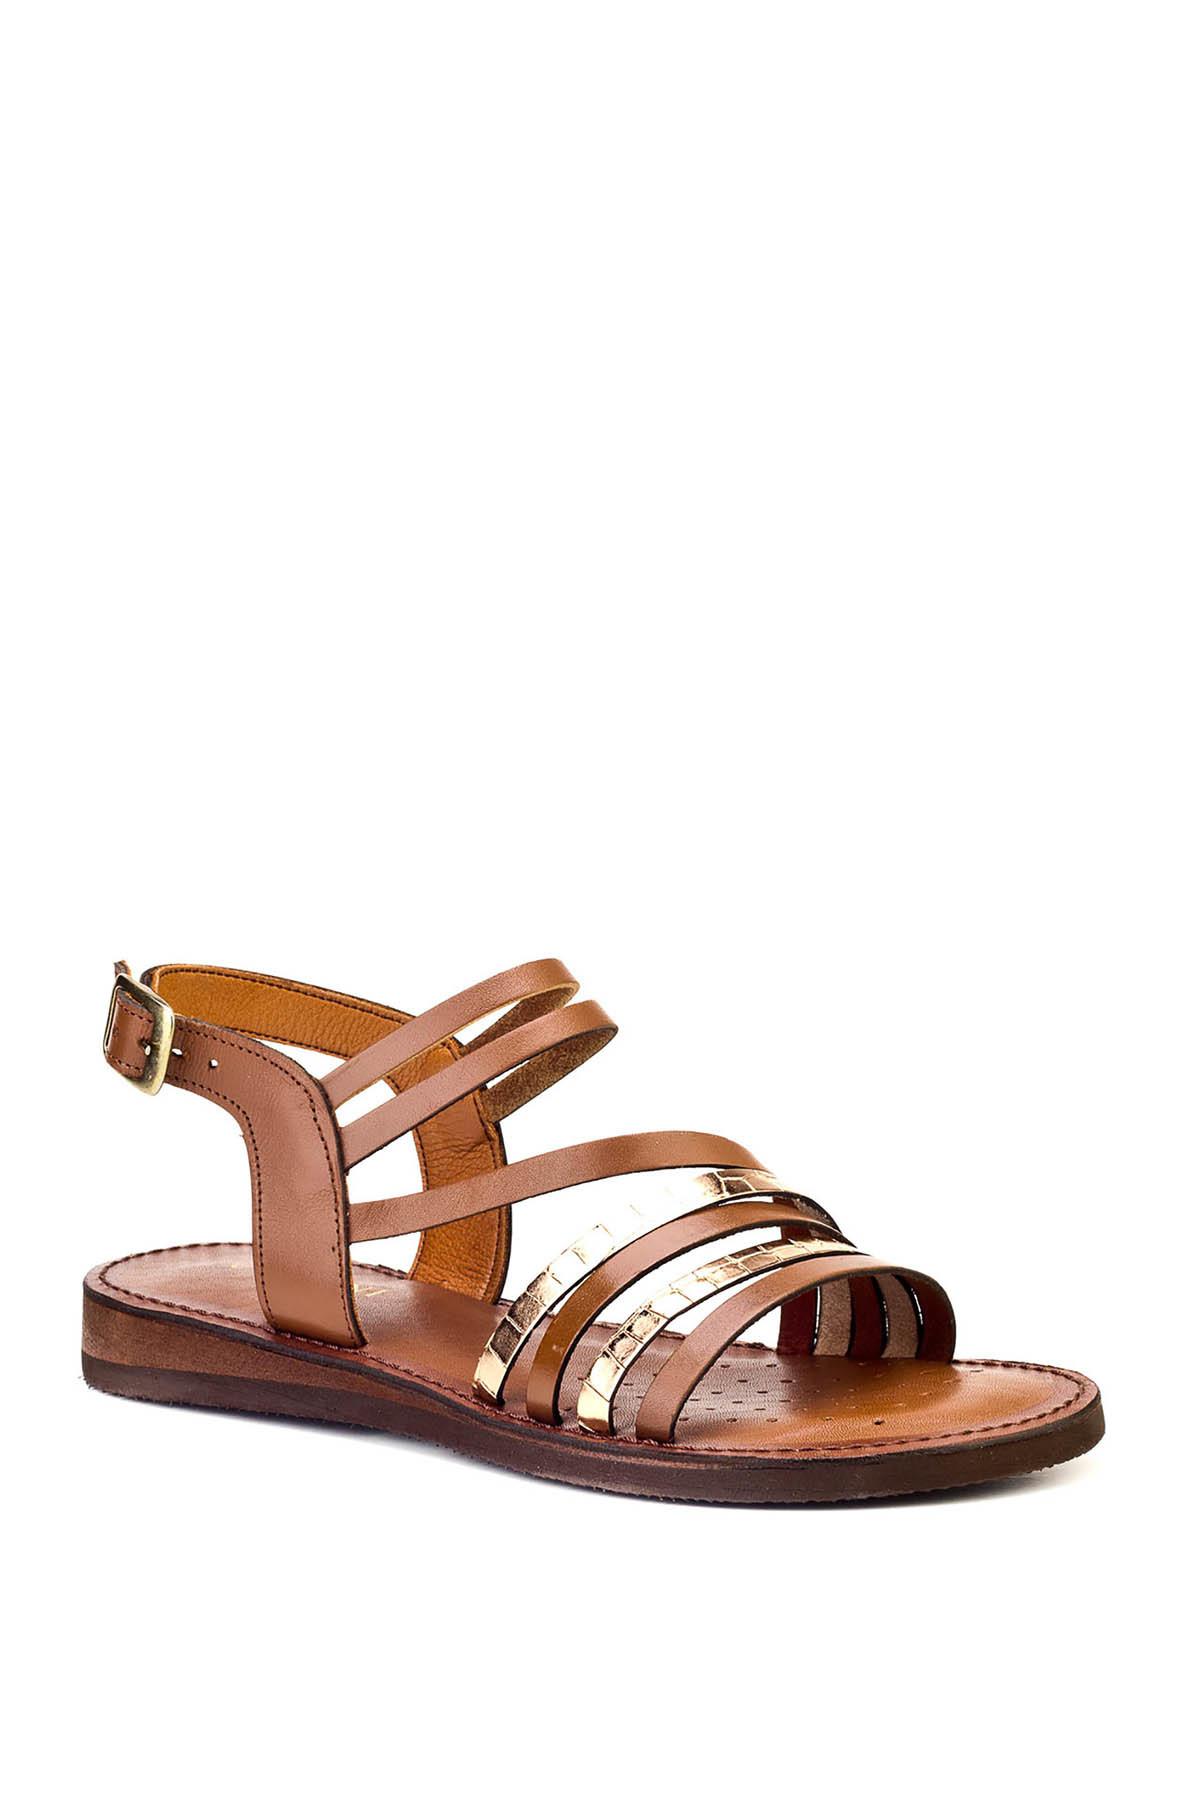 Cabani Hakiki Deri Taba Kadın Sandalet 8YBE05SA004W55 2